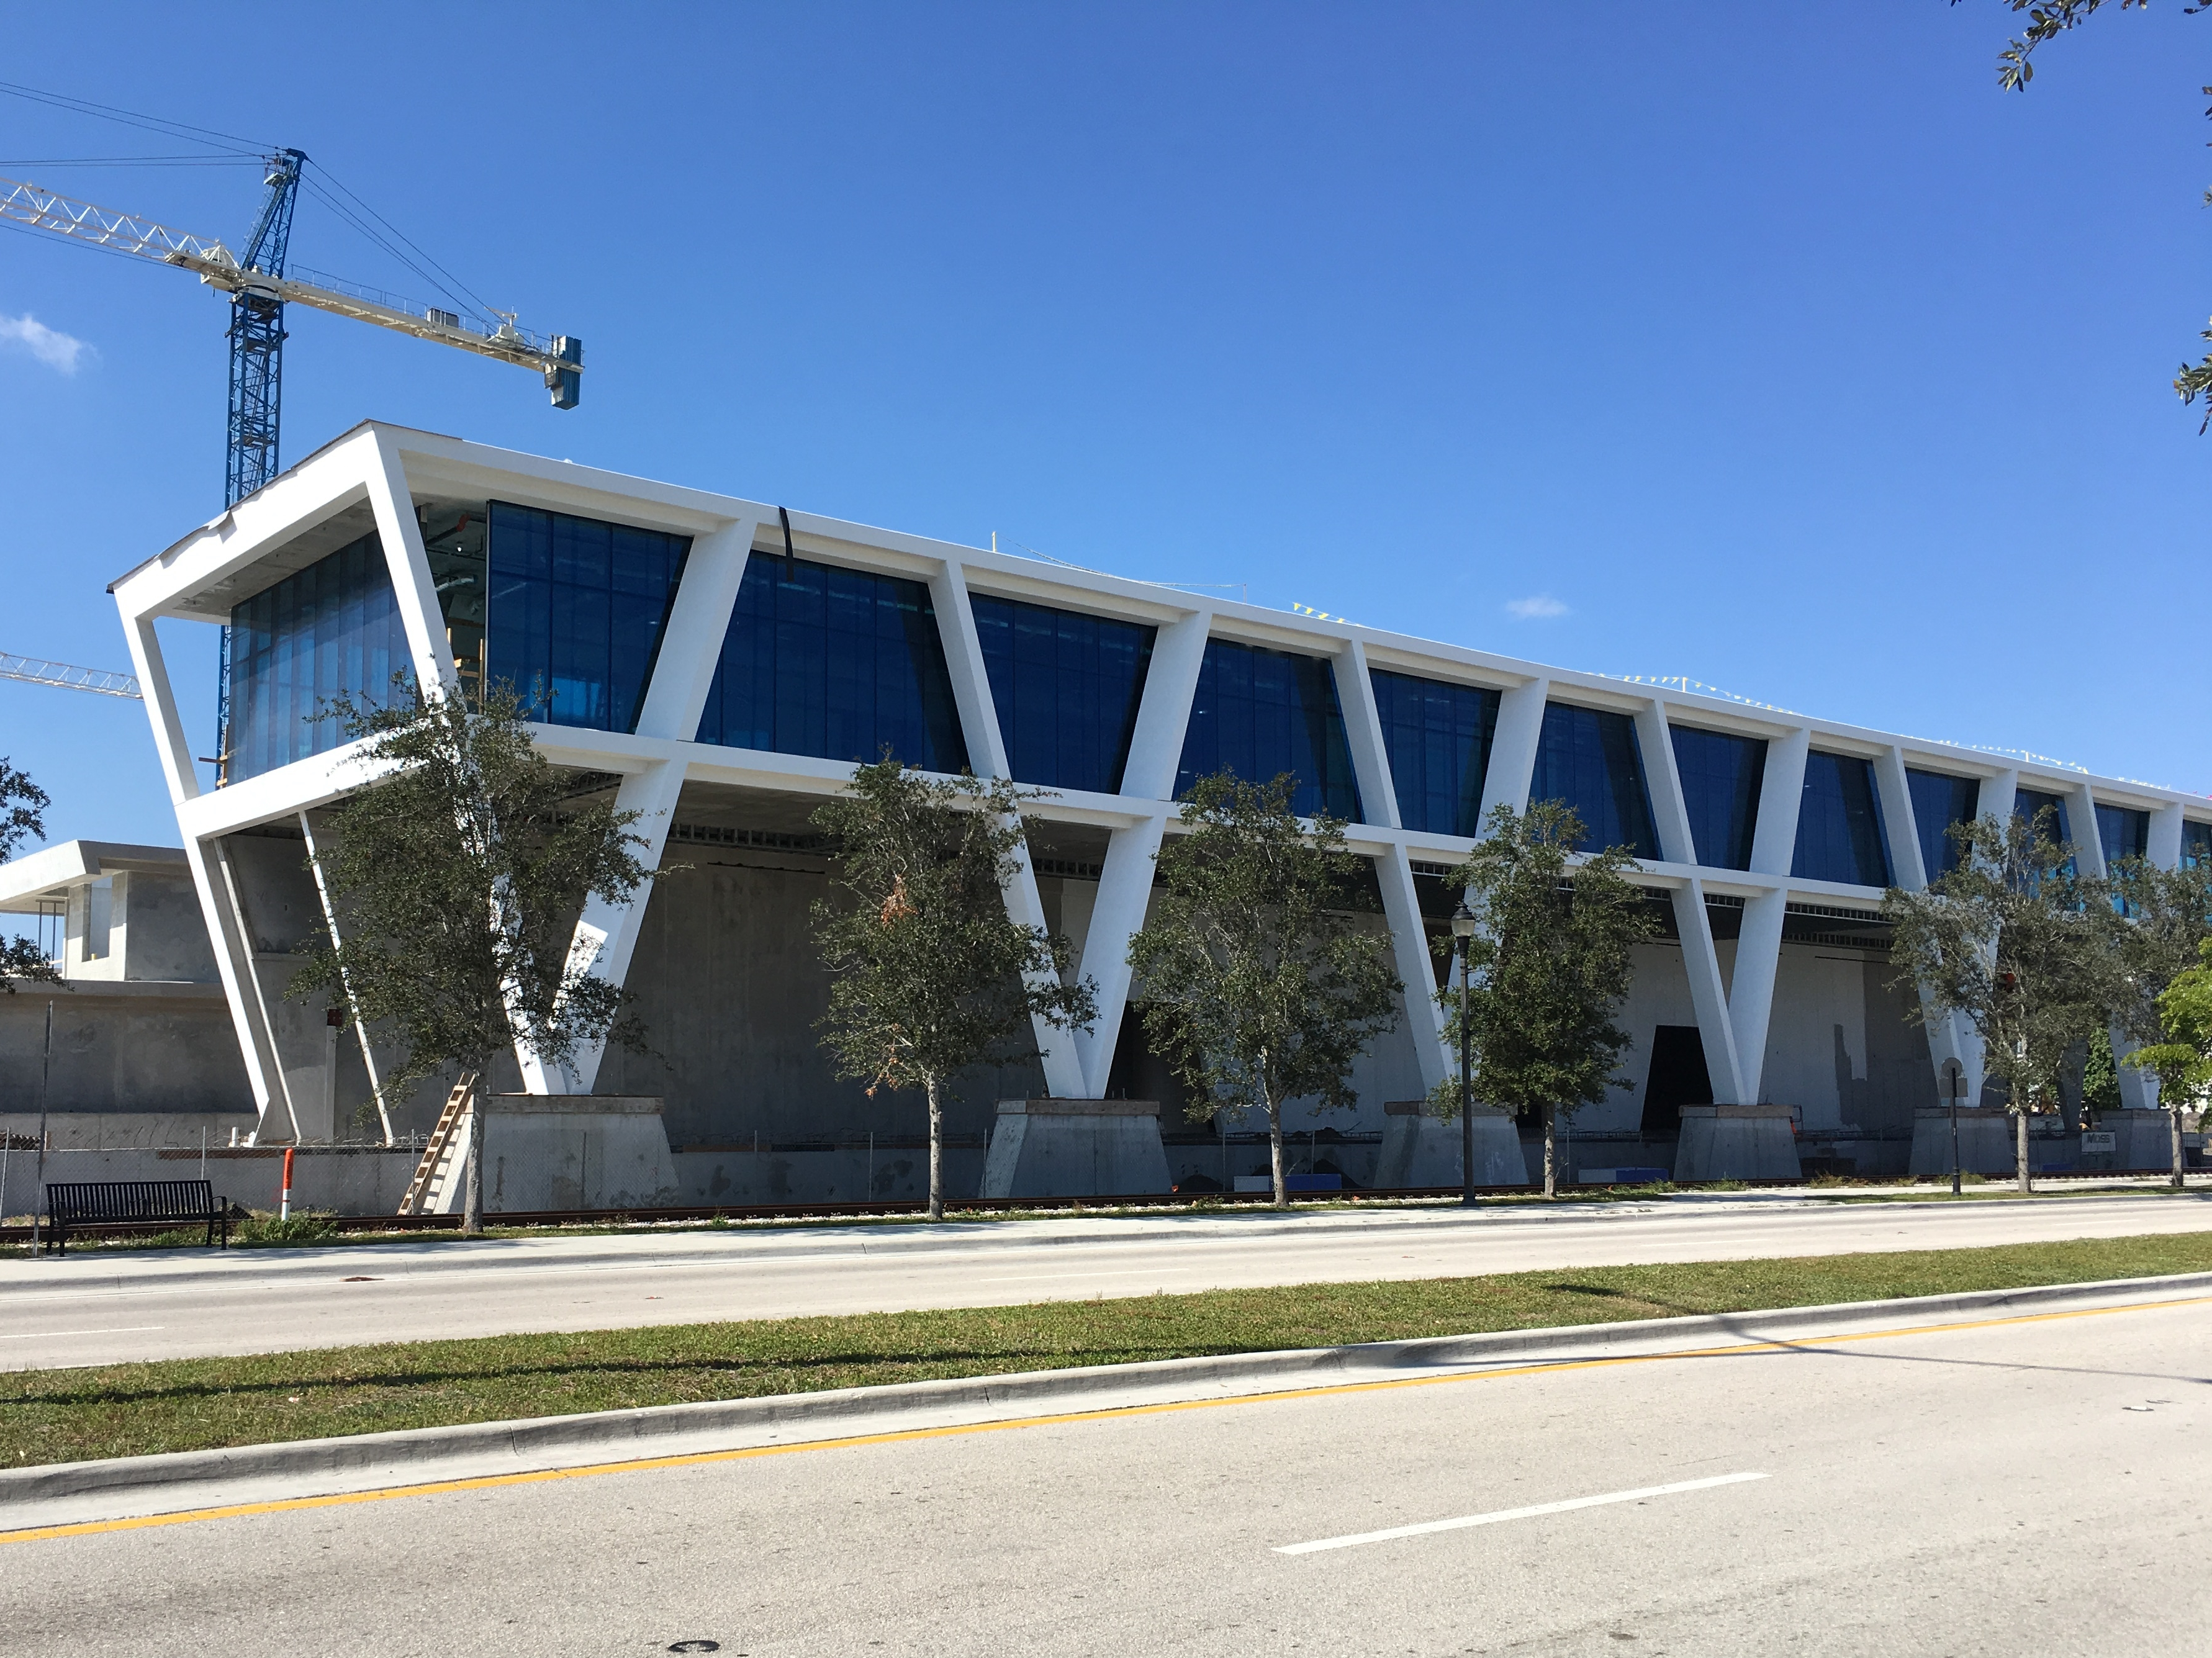 Demolition Begins for All Aboard Florida's New Station